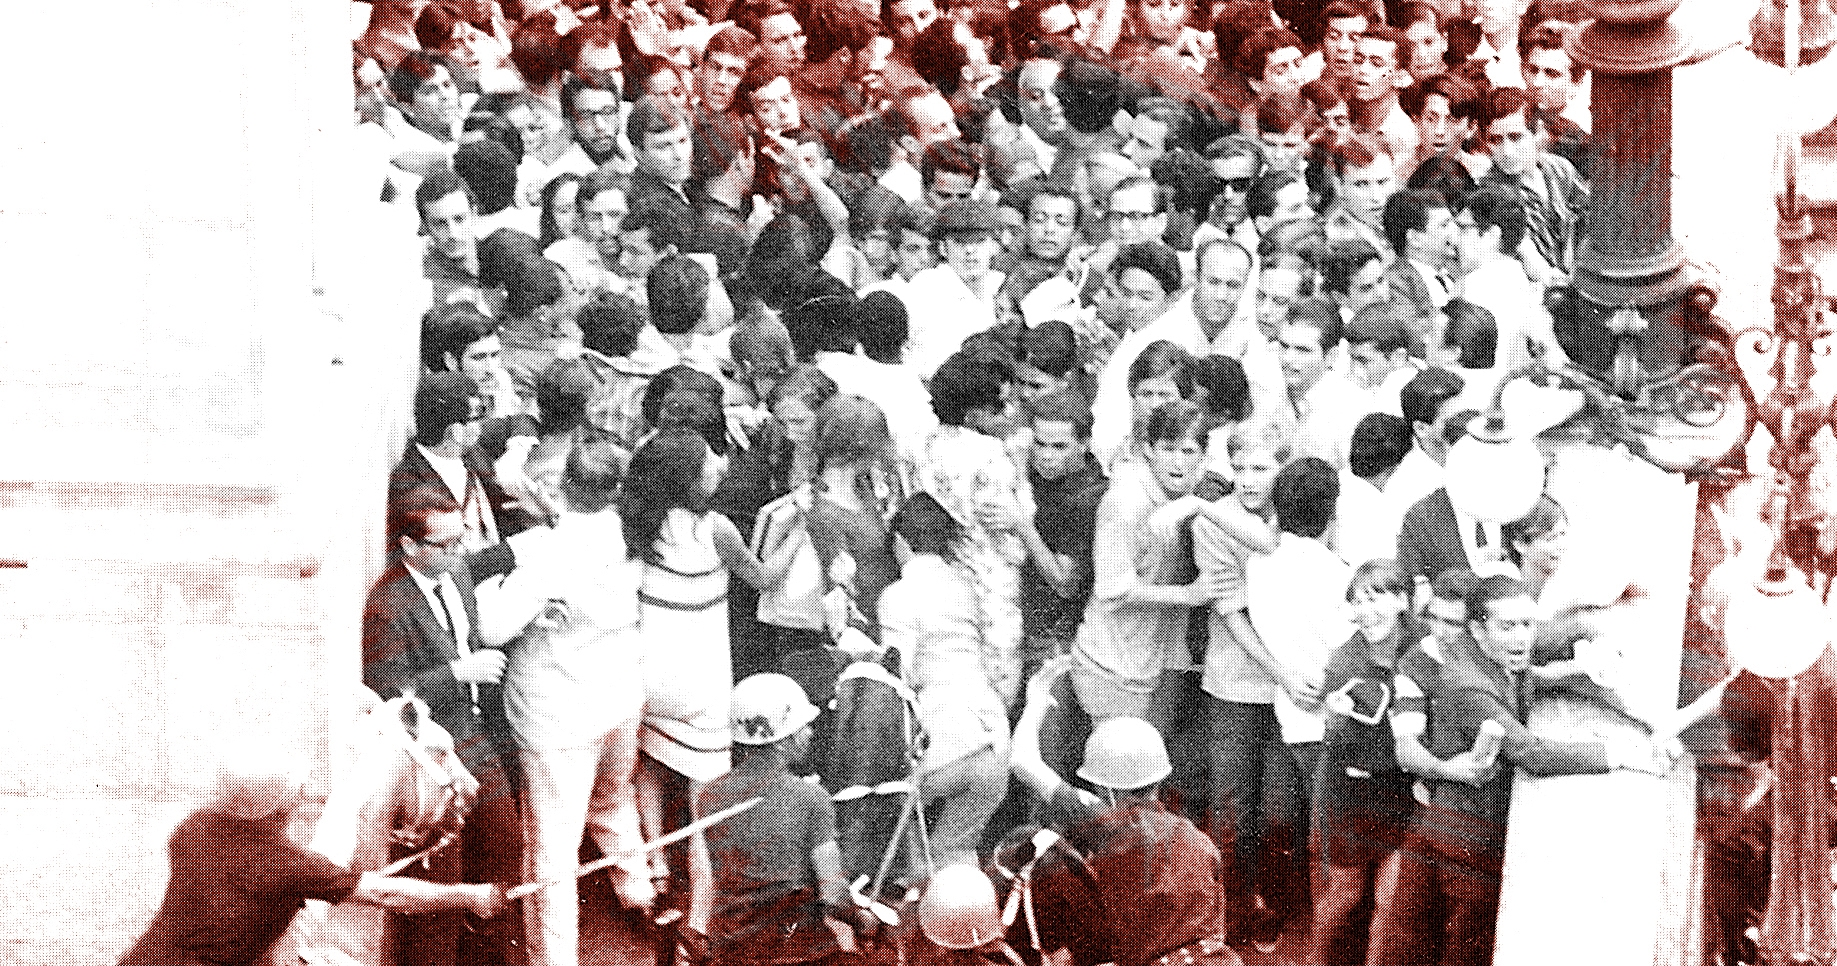 Rio de Janeiro, assassinato de Edson Luís, abril de 1968. Fonte: Arquivo em Imagens,Última Hora, 1997.